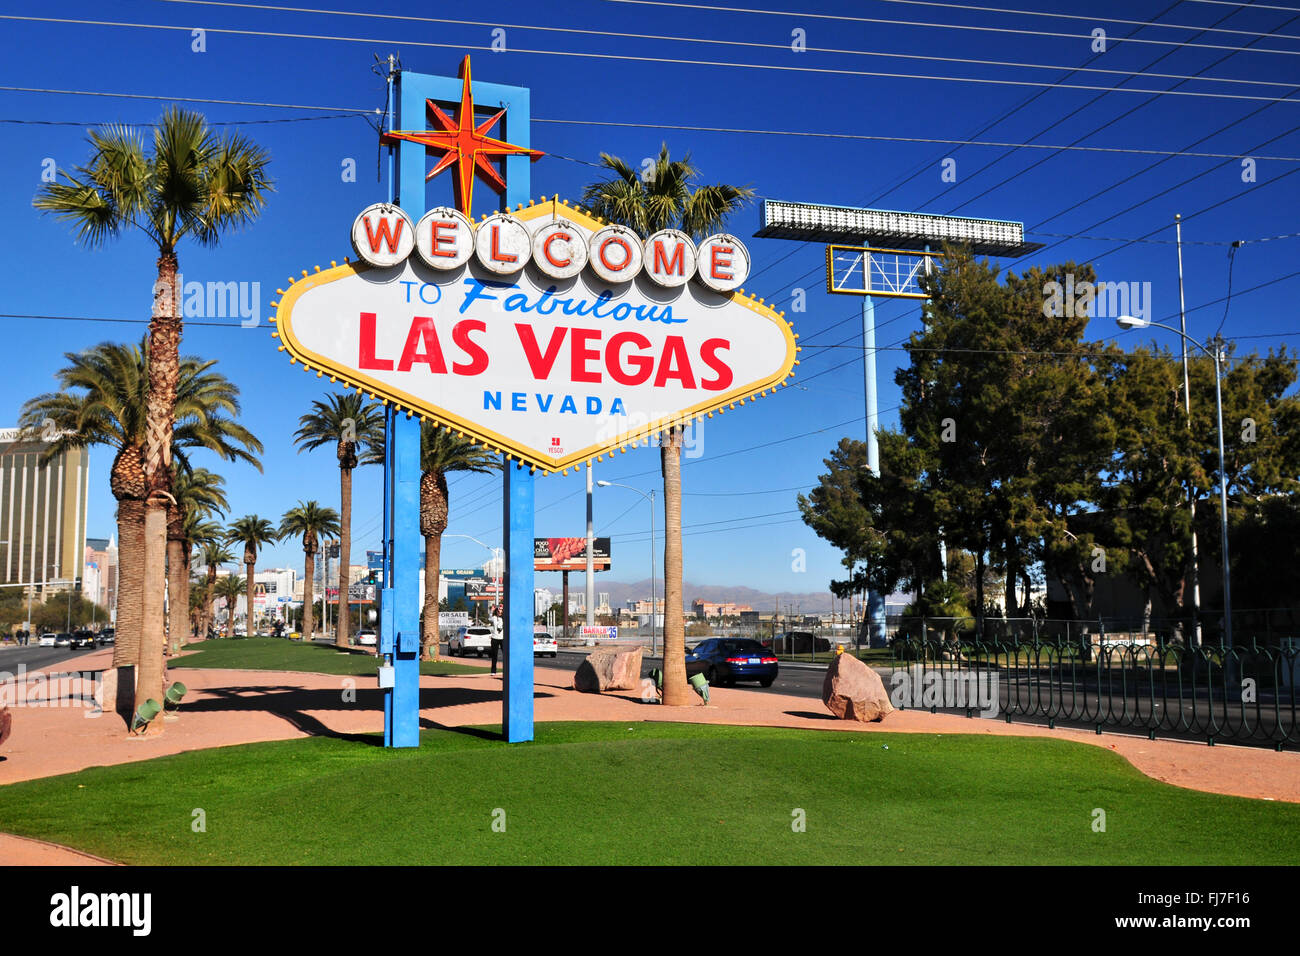 El famoso sign (cartel) en Las Vegas Strip, en Las Vegas, Nevada, EE.UU. Foto de stock